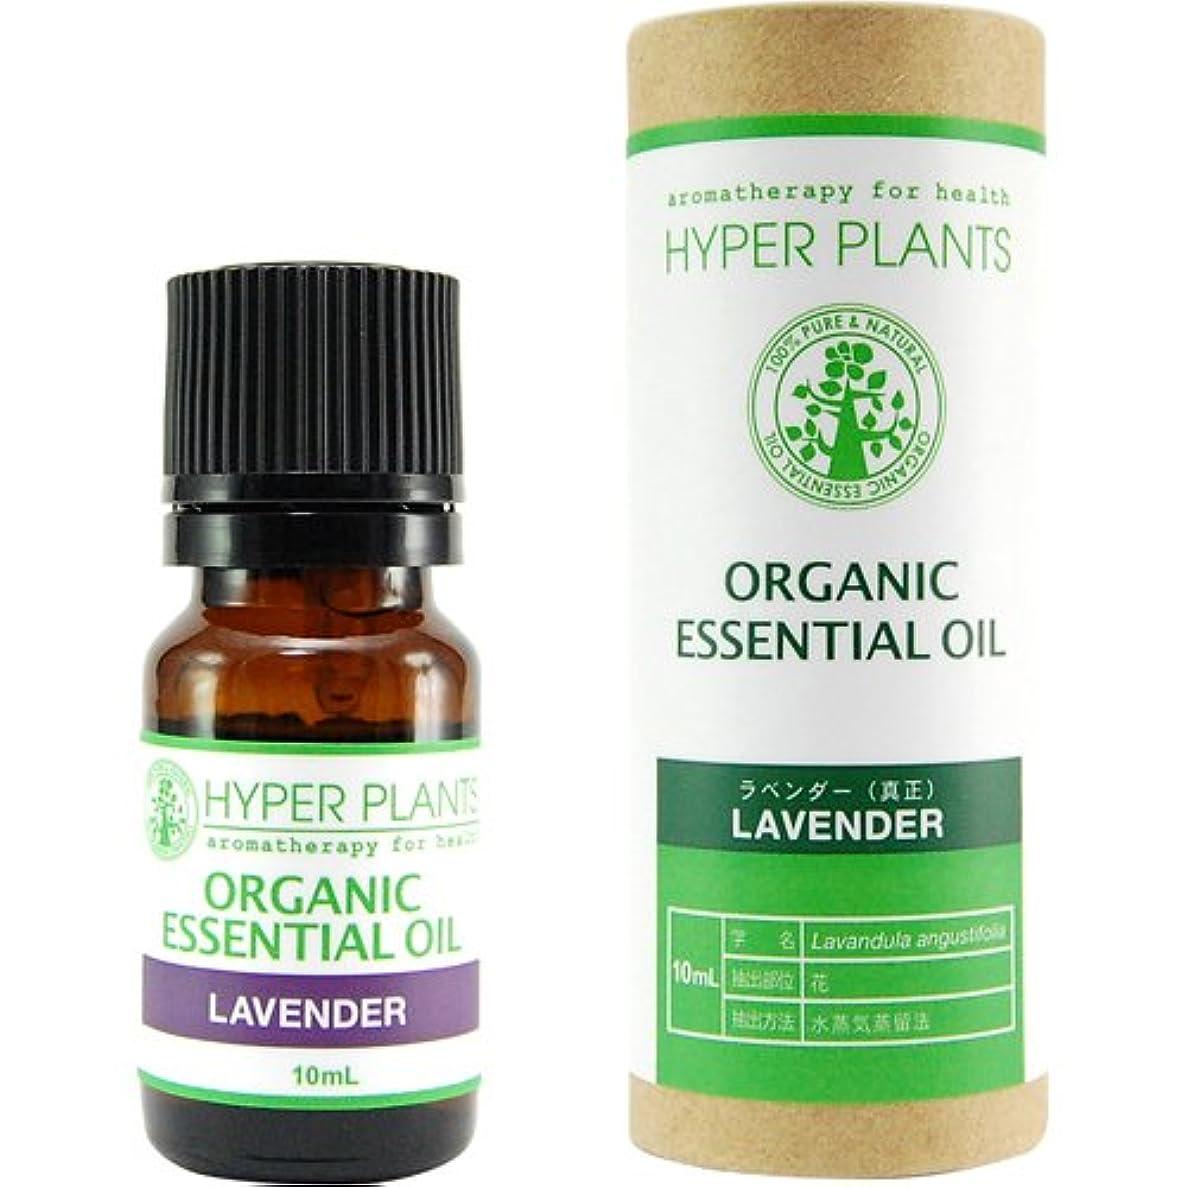 ベンチポータルの量HYPER PLANTS ハイパープランツ オーガニックエッセンシャルオイル ラベンダー(真正) 10ml HE0207